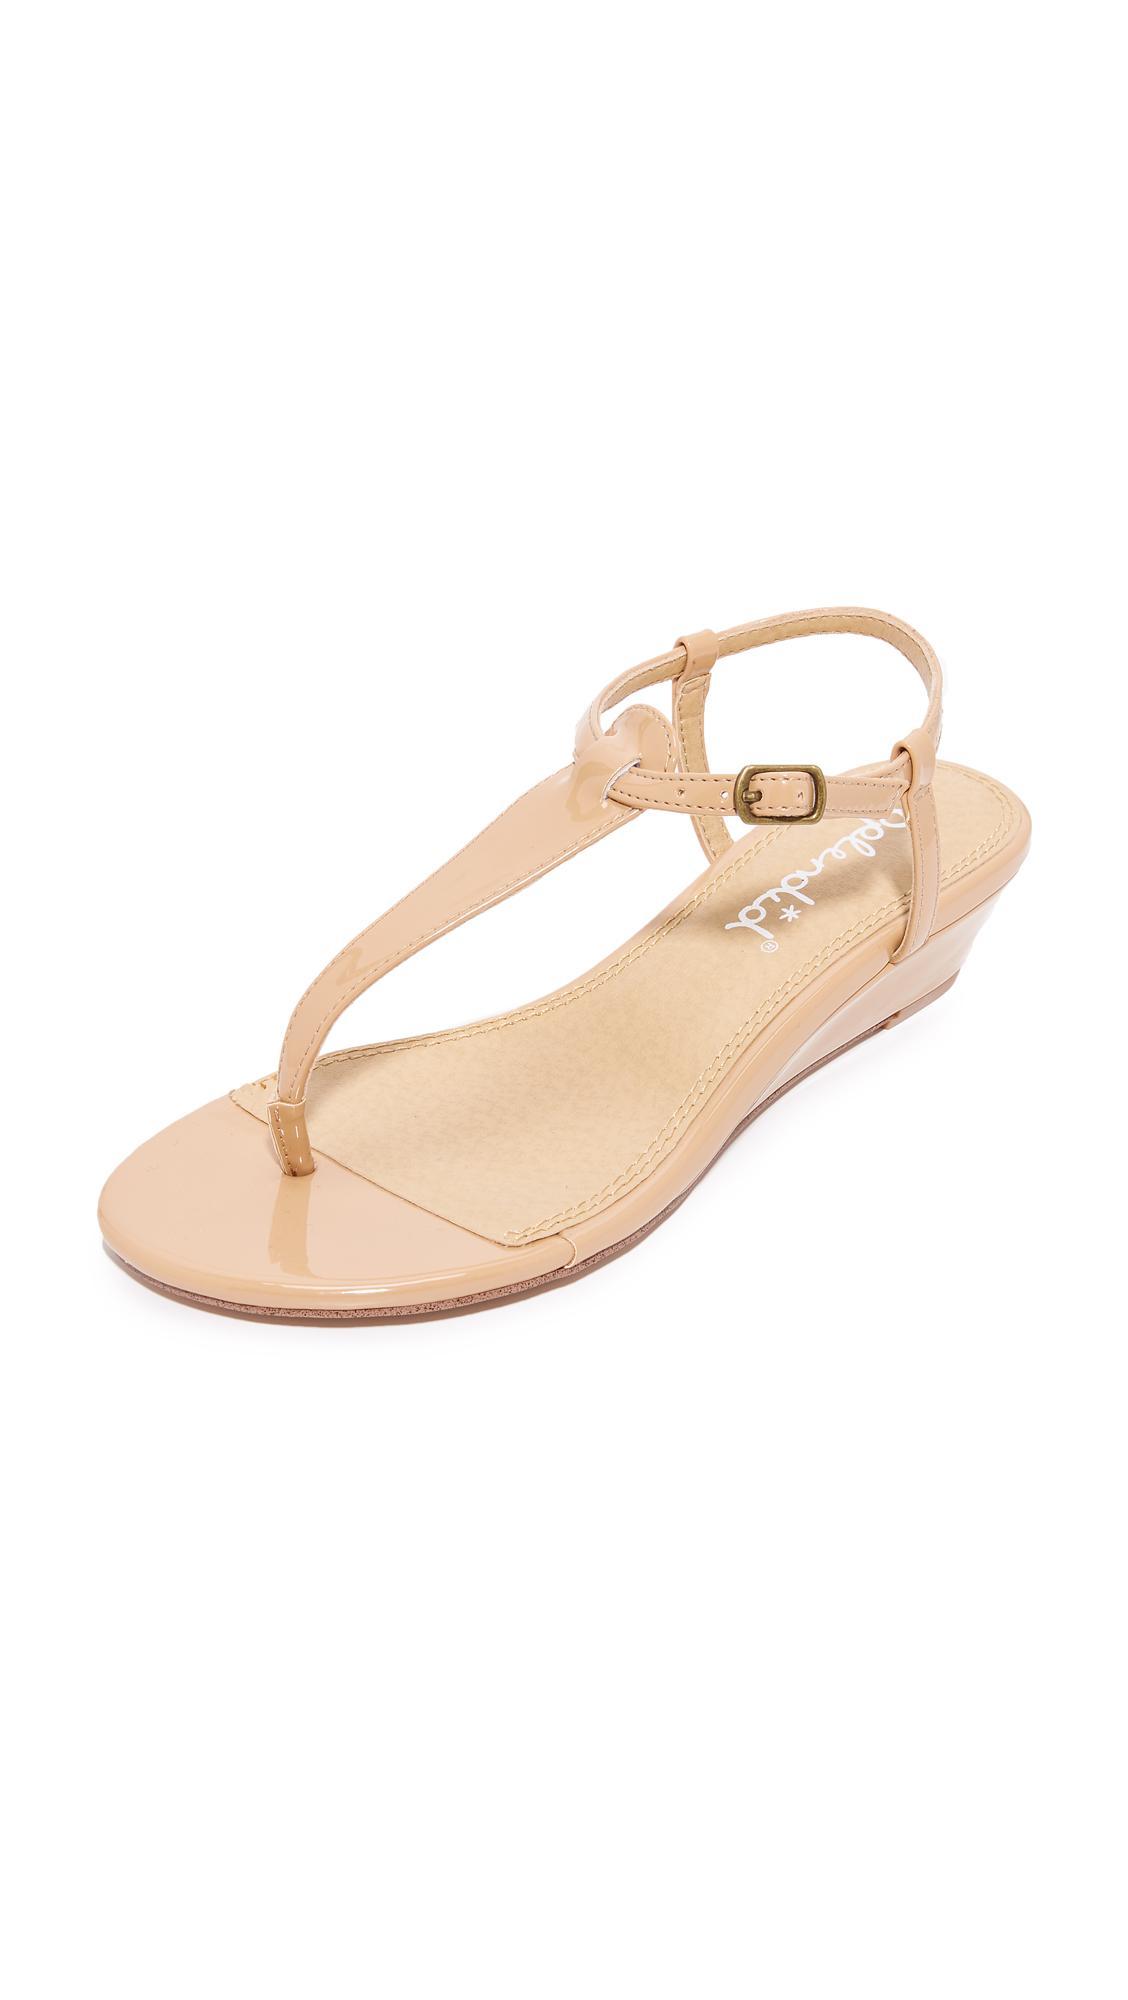 5cf9369a29f0b Lyst - Splendid Justin Demi Wedge Sandals in Natural